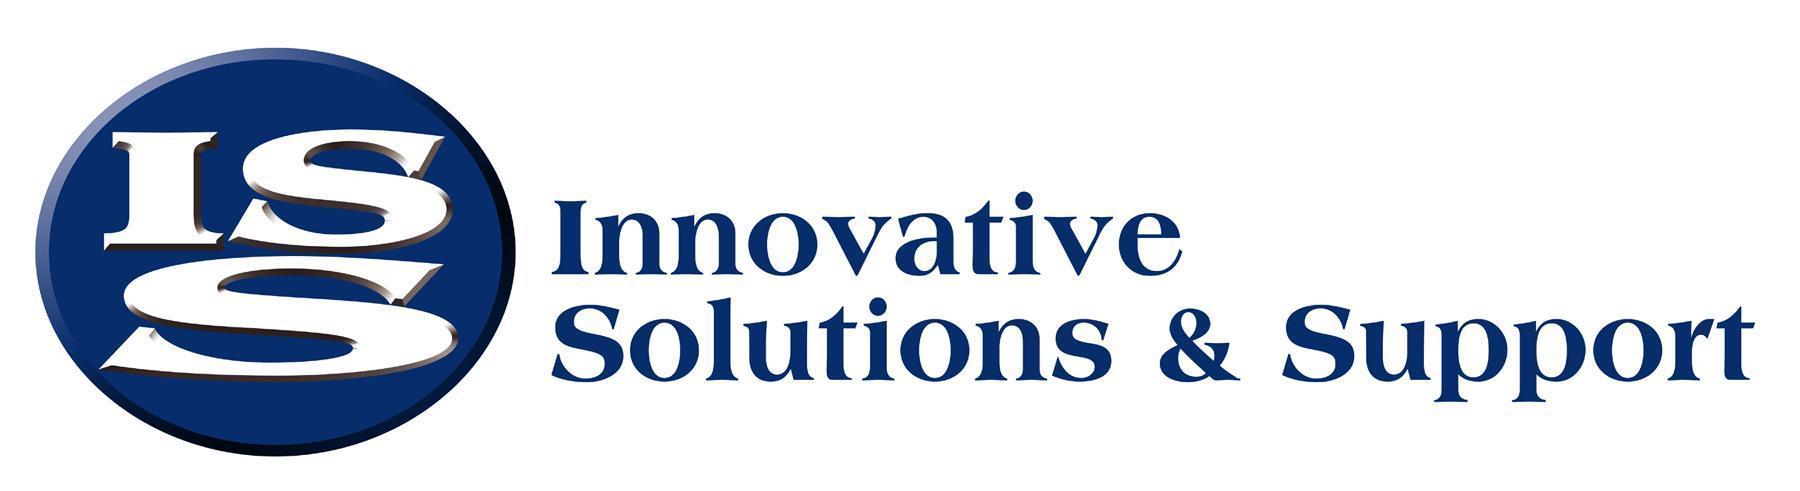 Innovative Solutions & Support logo